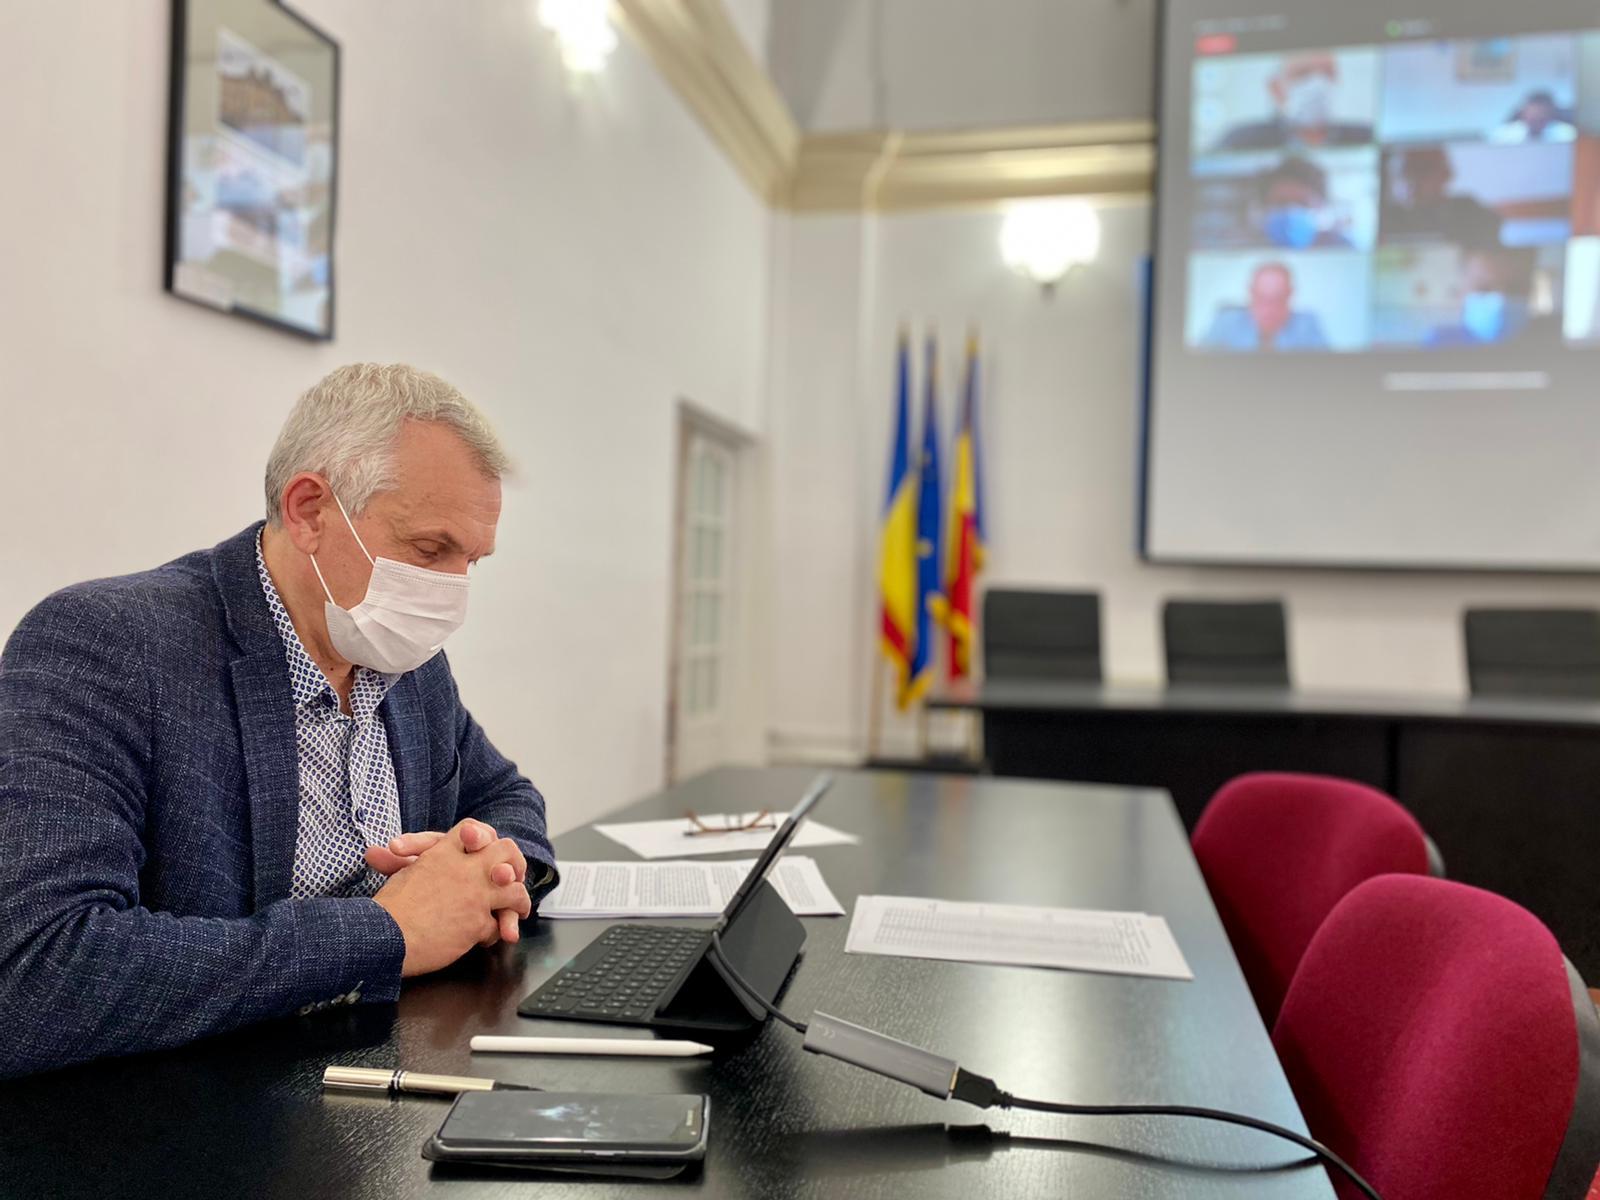 Prefectul Sibiului: De Sărbători stați cât mai mult în familie, să nu trebuiască pe urmă să luăm măsuri